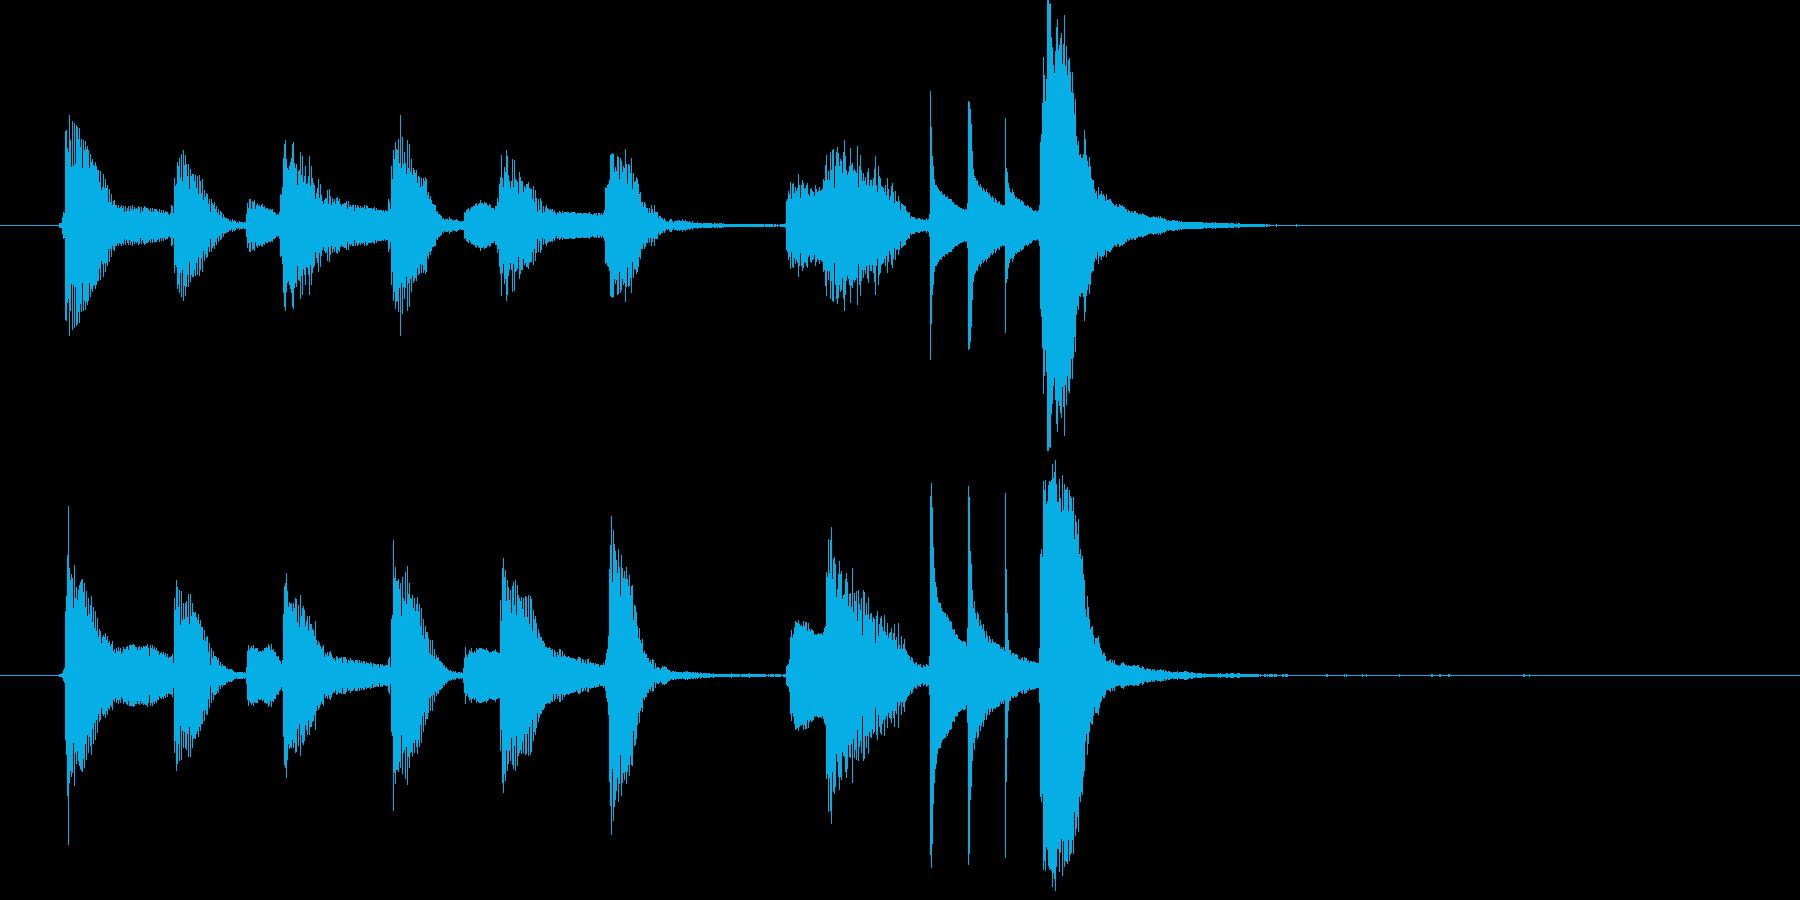 日常系ピアノの軽やかでかわいい曲・6秒版の再生済みの波形